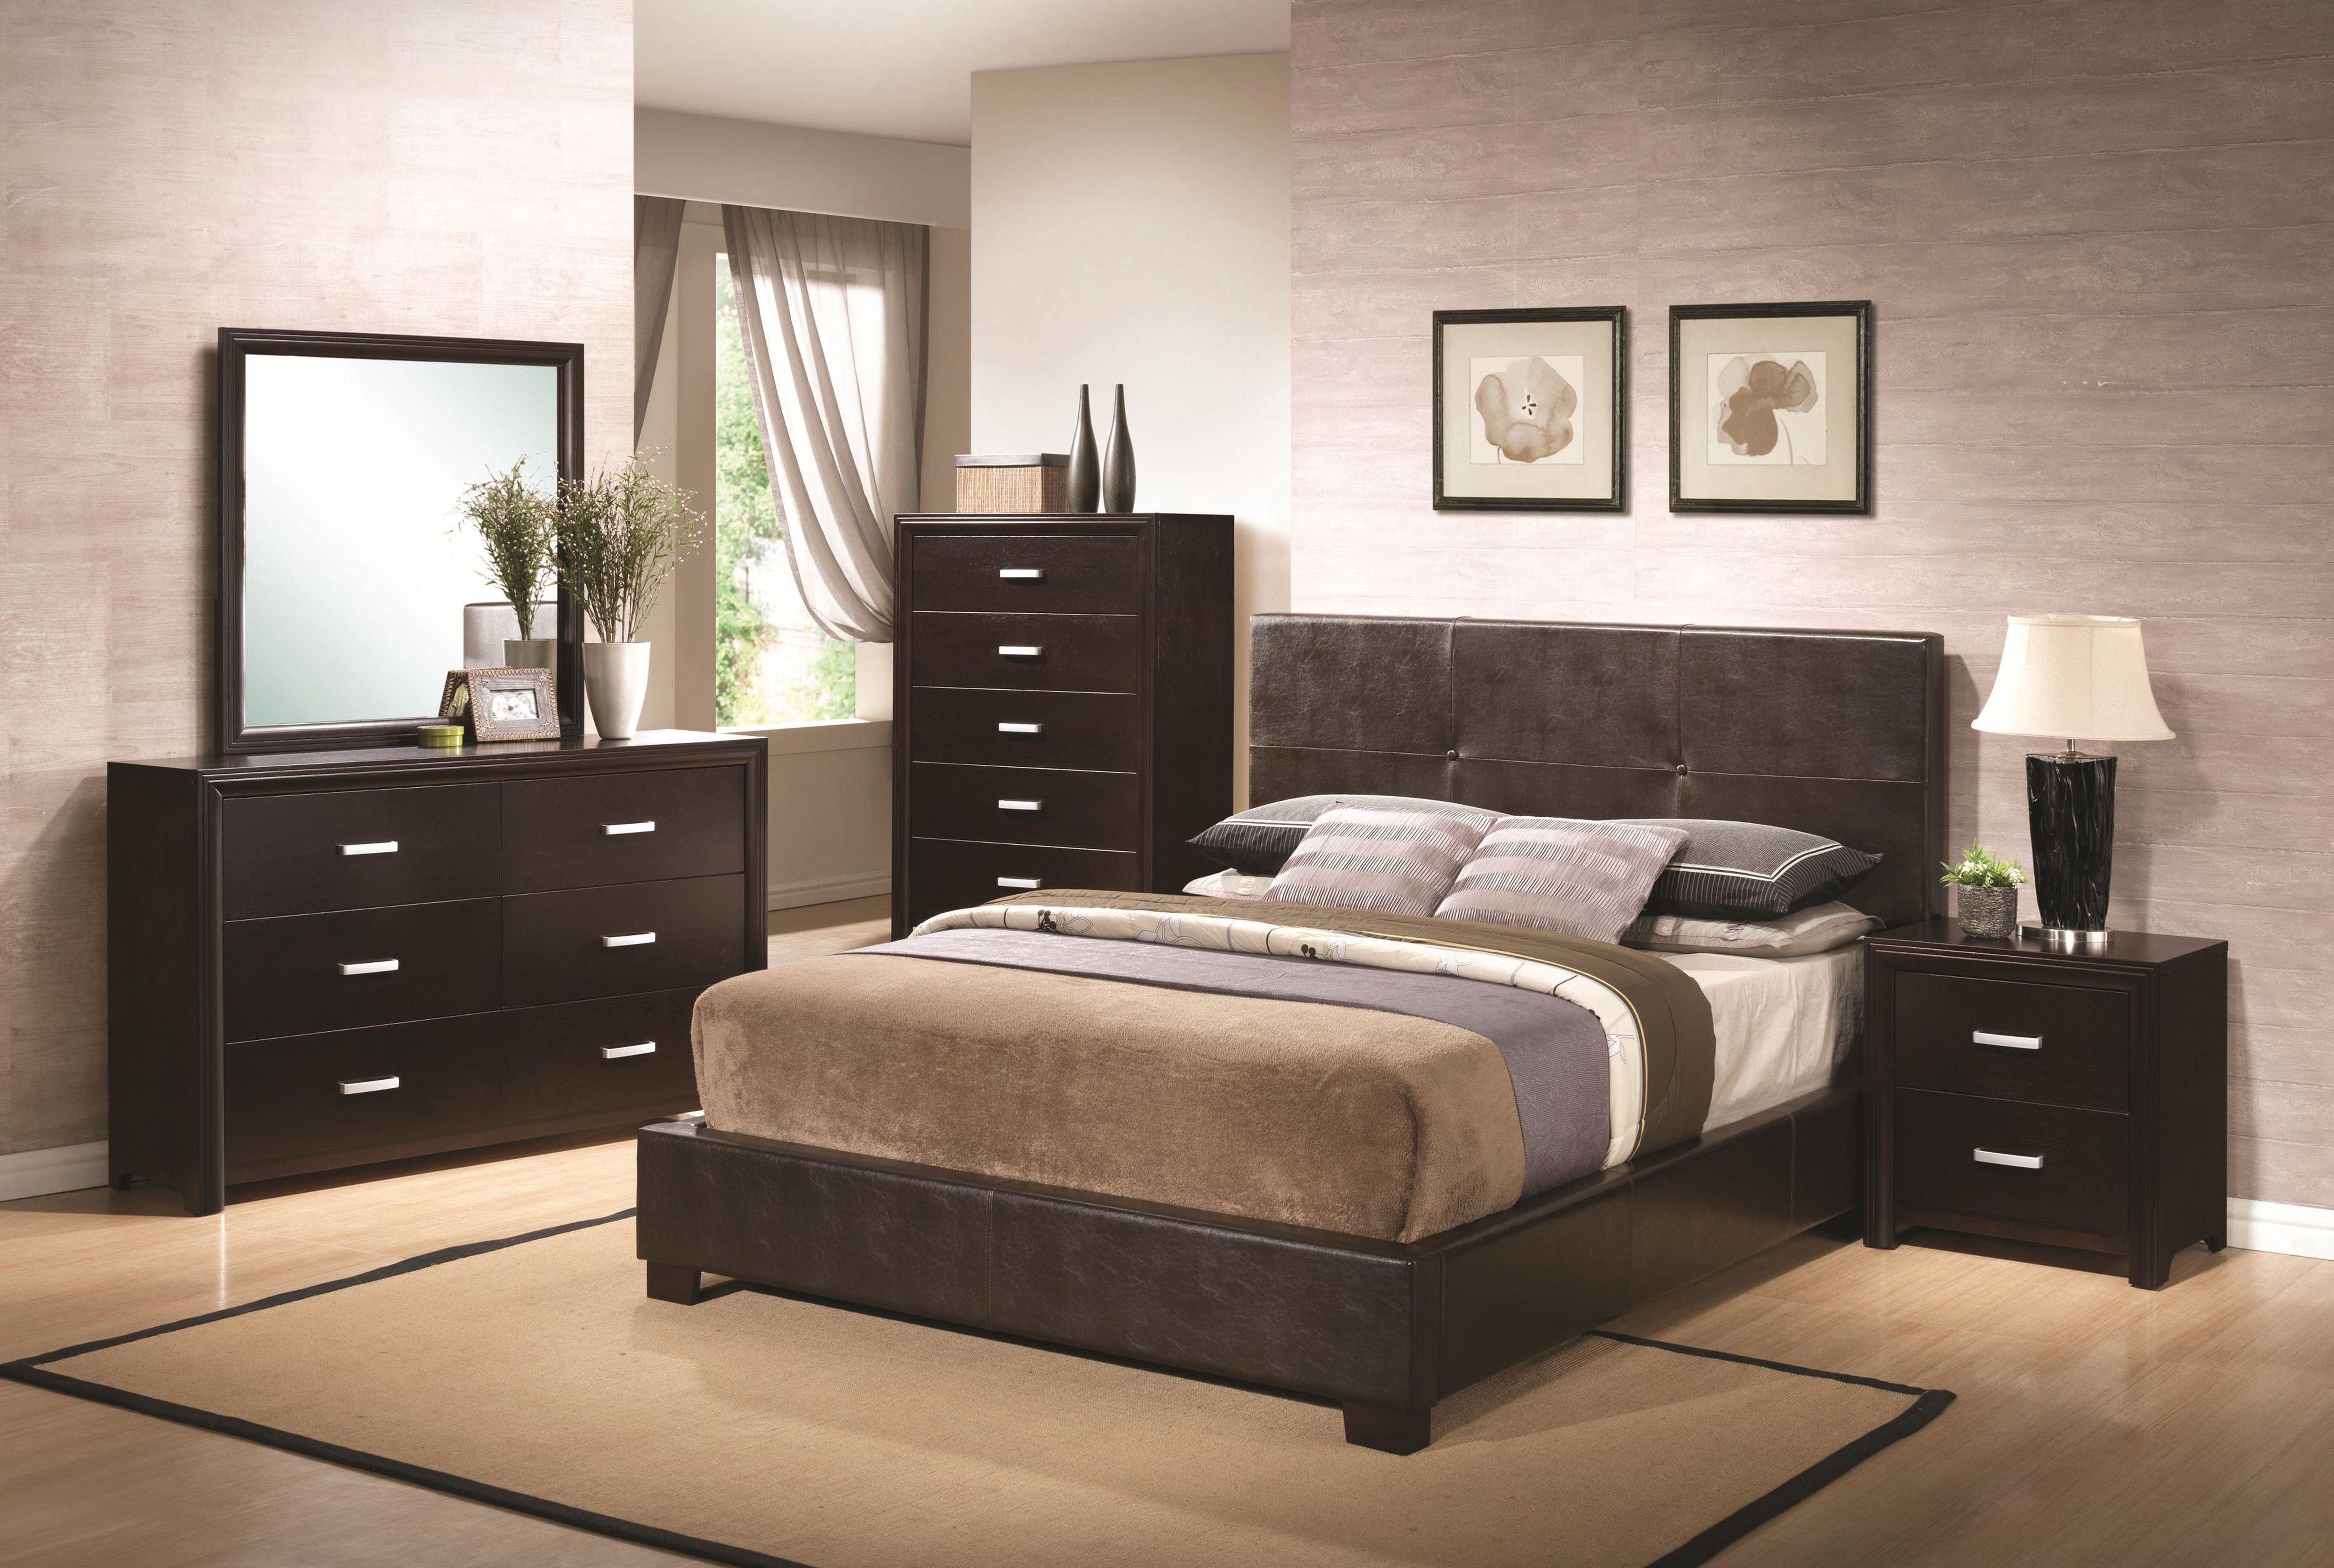 Cheap Queen Bedroom Set Elegant Rooms to Go Queen Bedroom Set